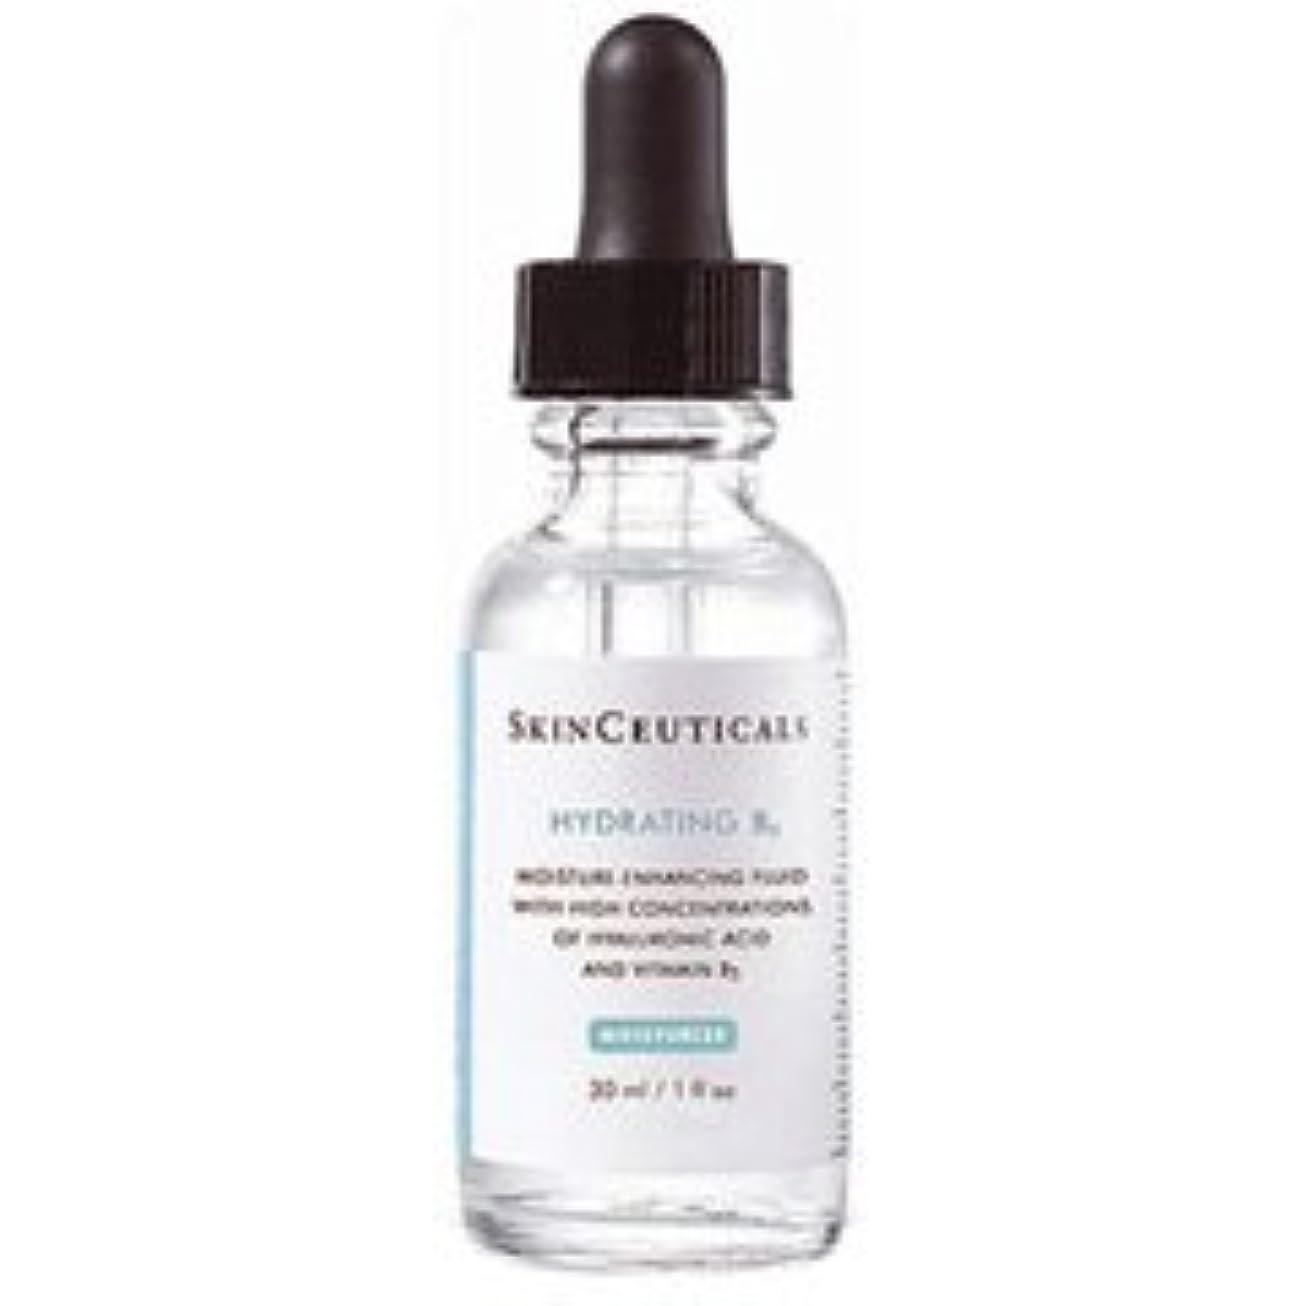 解放抽選和解するスキンシューティカルズ(Skinceuticals) ハイドレイティングB5ジェル 30ml [海外直送品][並行輸入品]